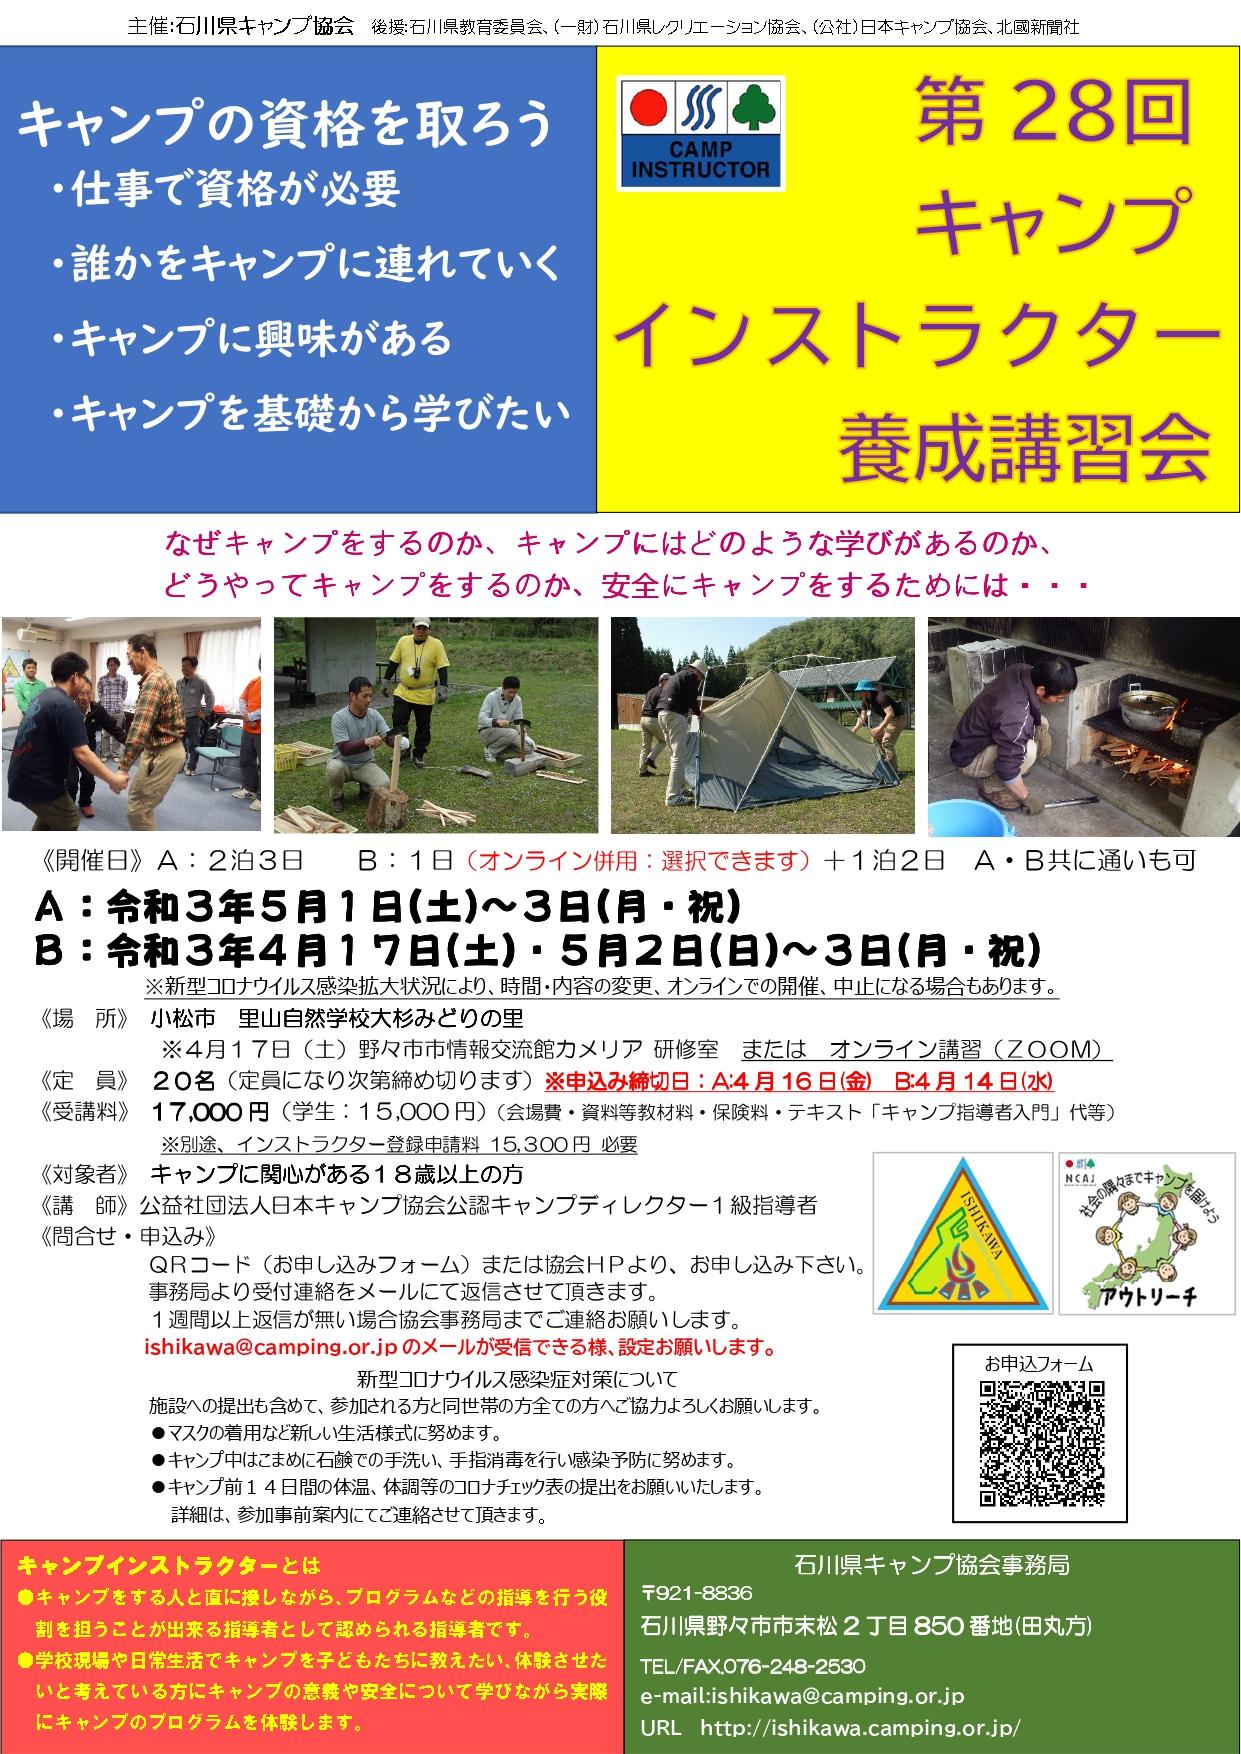 石川:キャンプインストラクター養成講習会(5/1~3、4/17・5/2~3) @ 小松市 里山自然学校大杉みどりの里